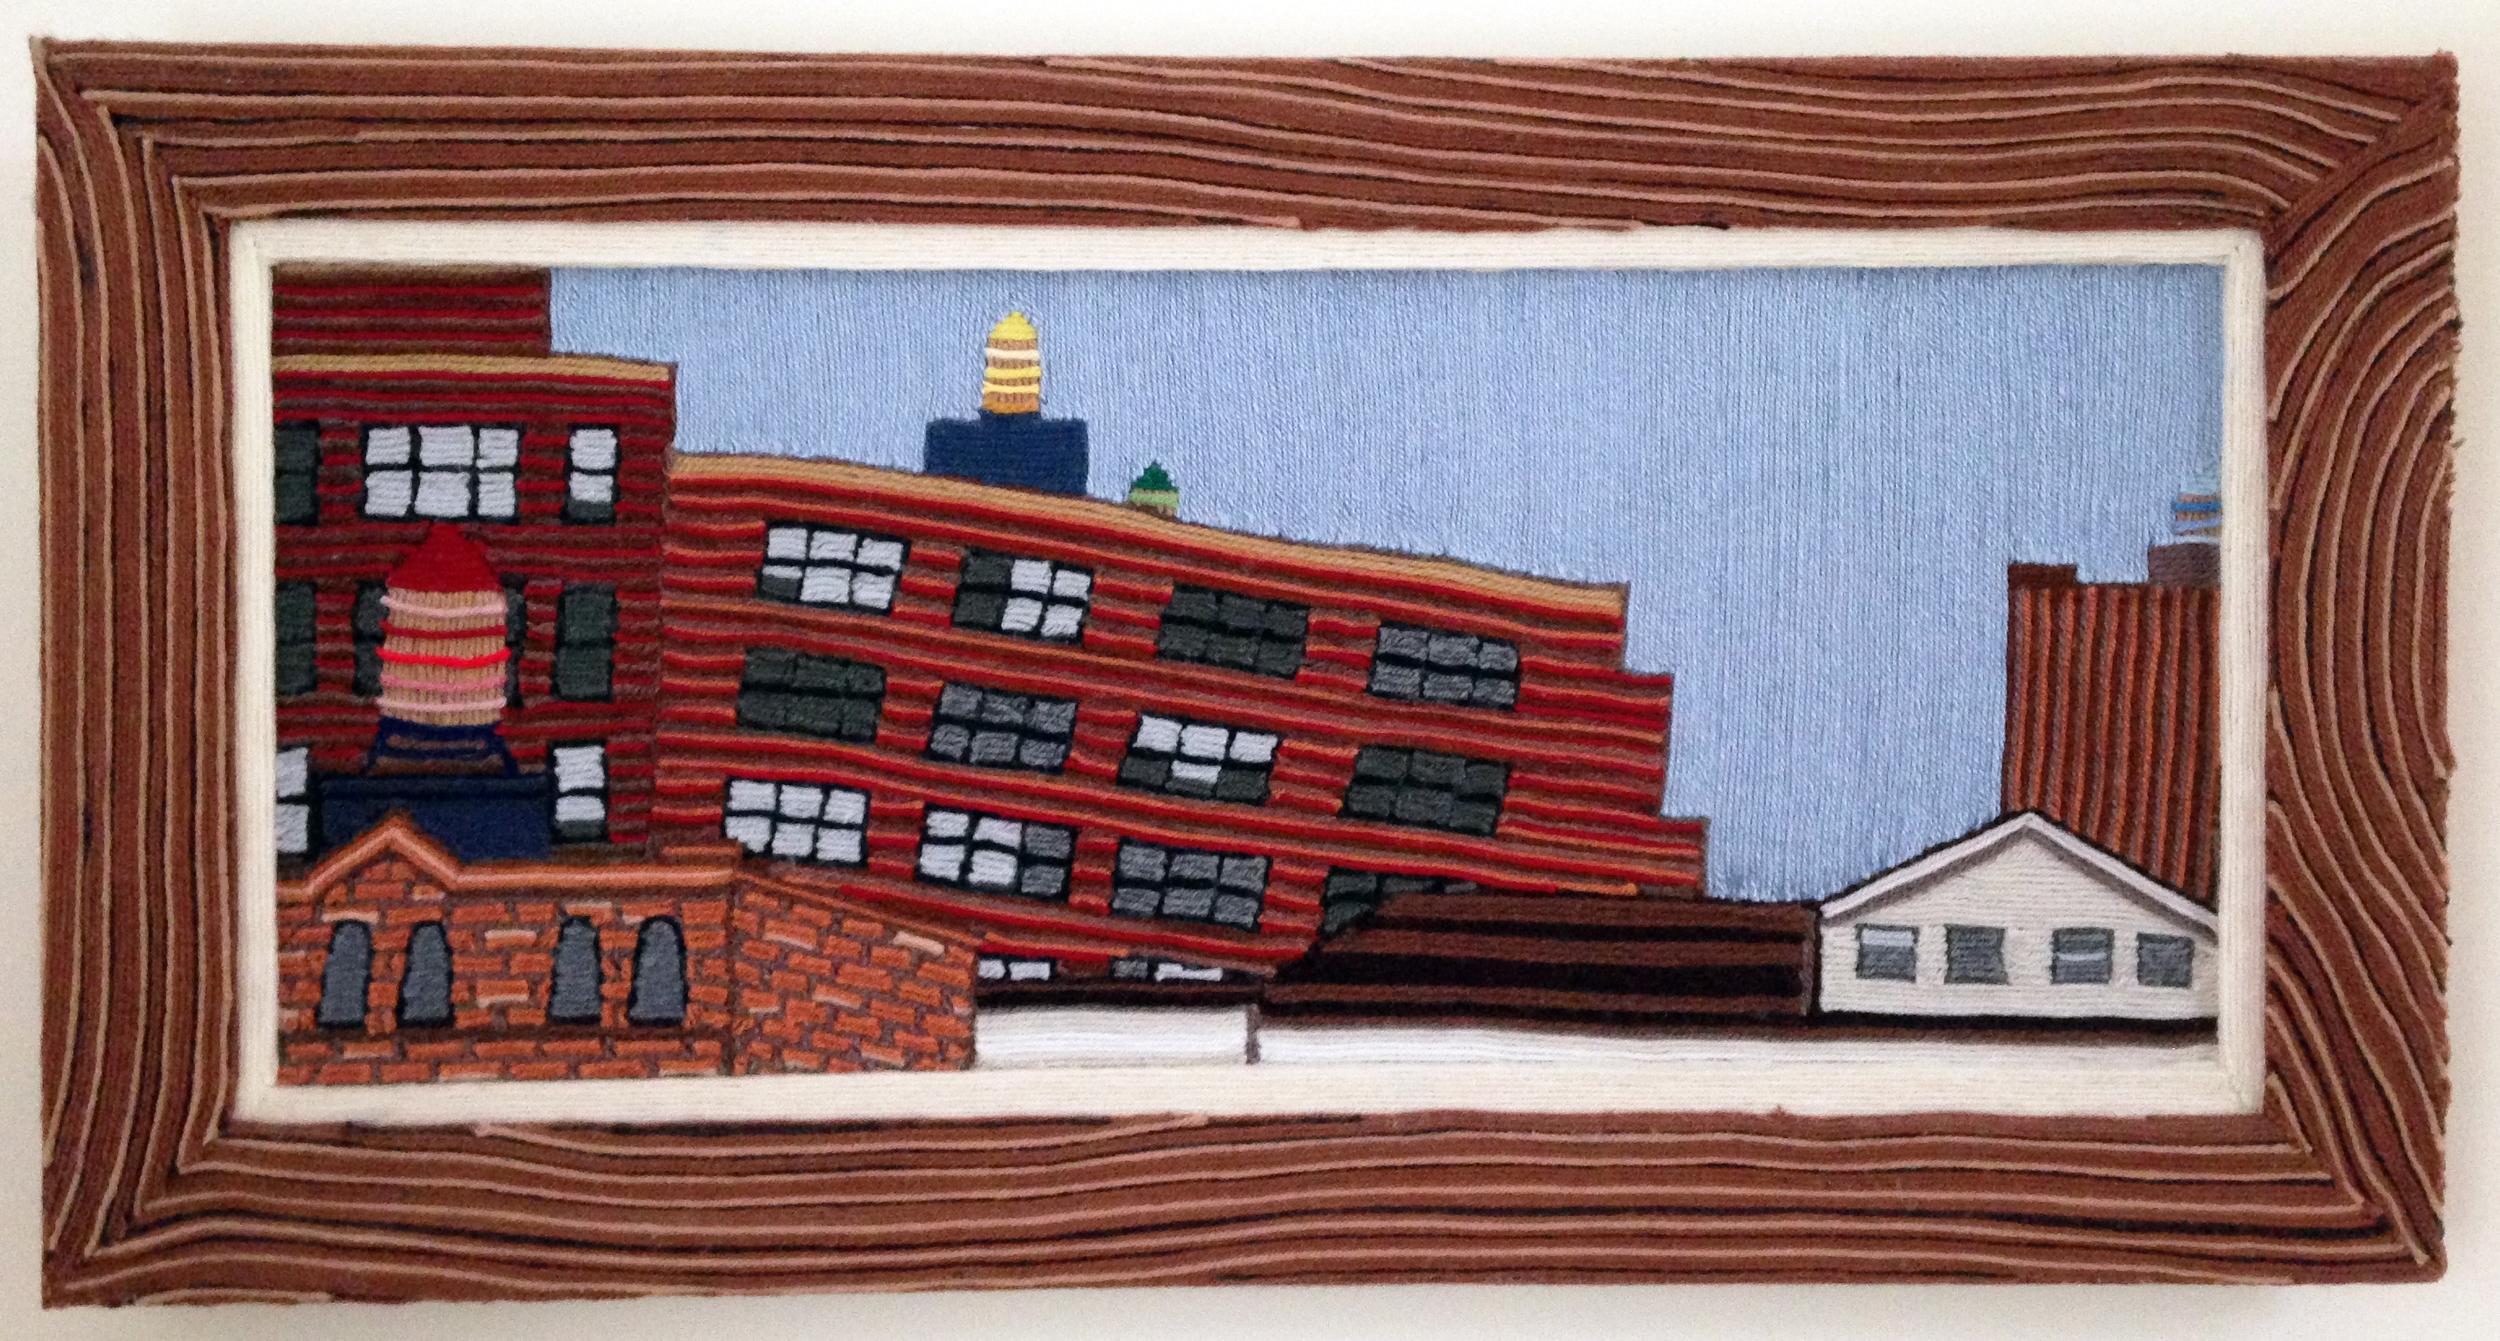 Yarn painting, 2001, yarn & wood, 30 x 24 inches